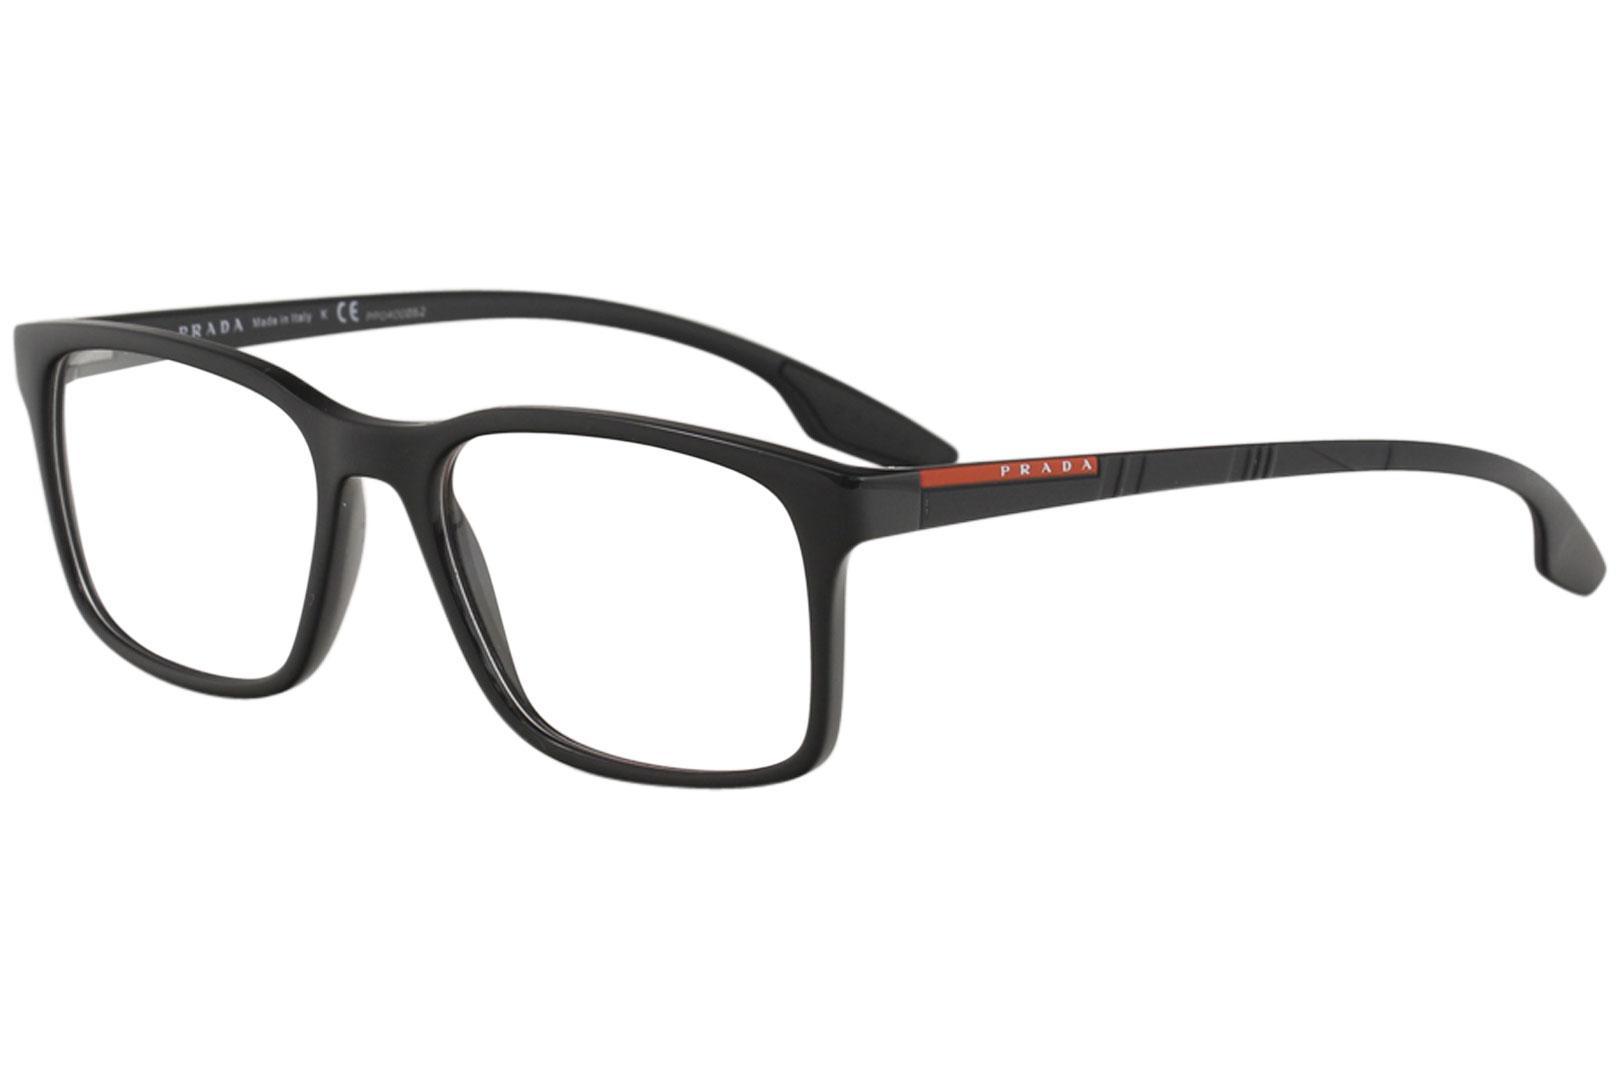 Prada Linea Rossa Men\'s Eyeglasses VPS01L VPS/01L Full Rim Optical Frame